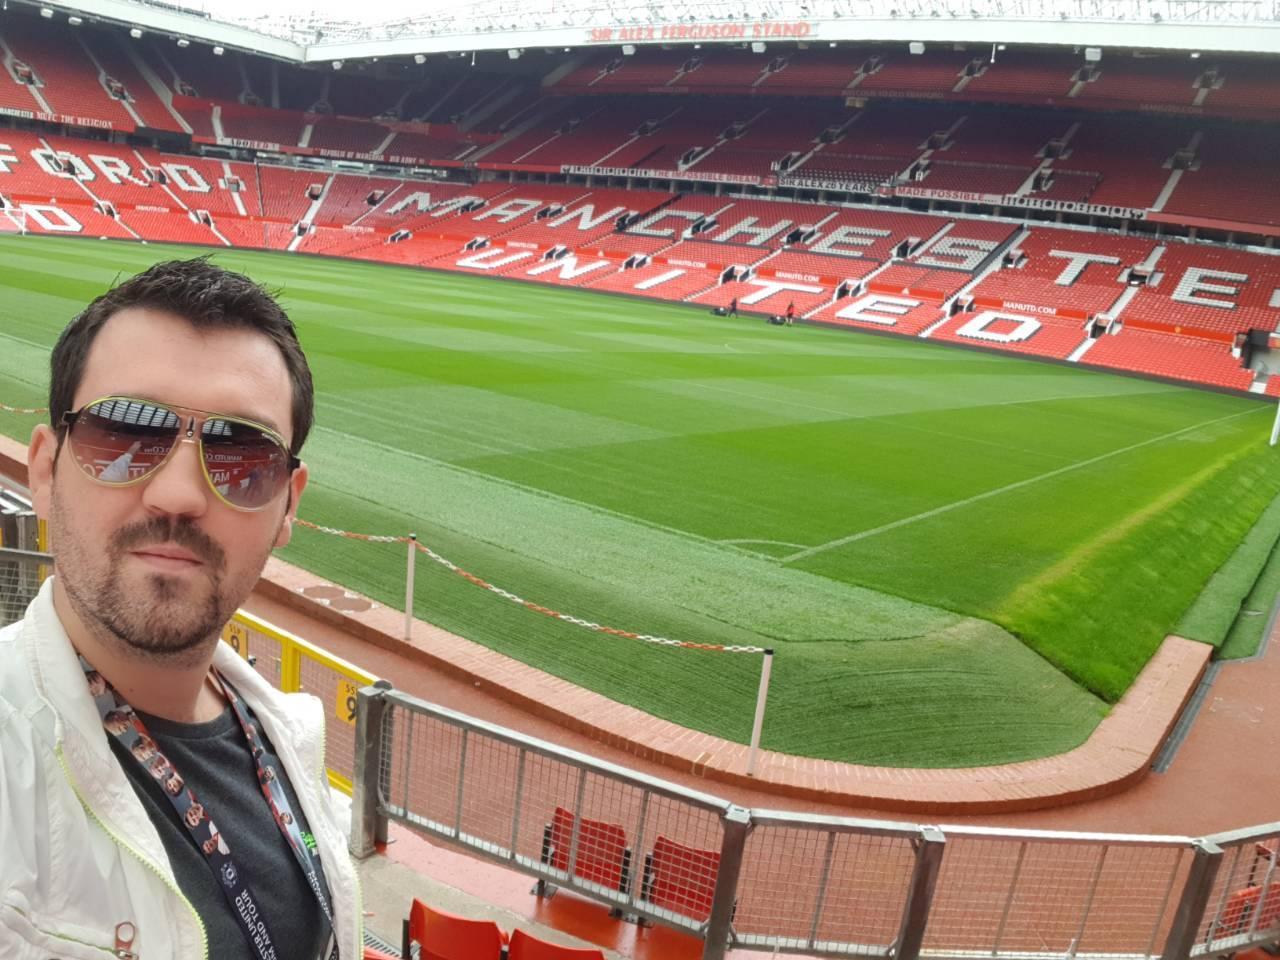 Manchester United - Engleska // Privatna arhiva